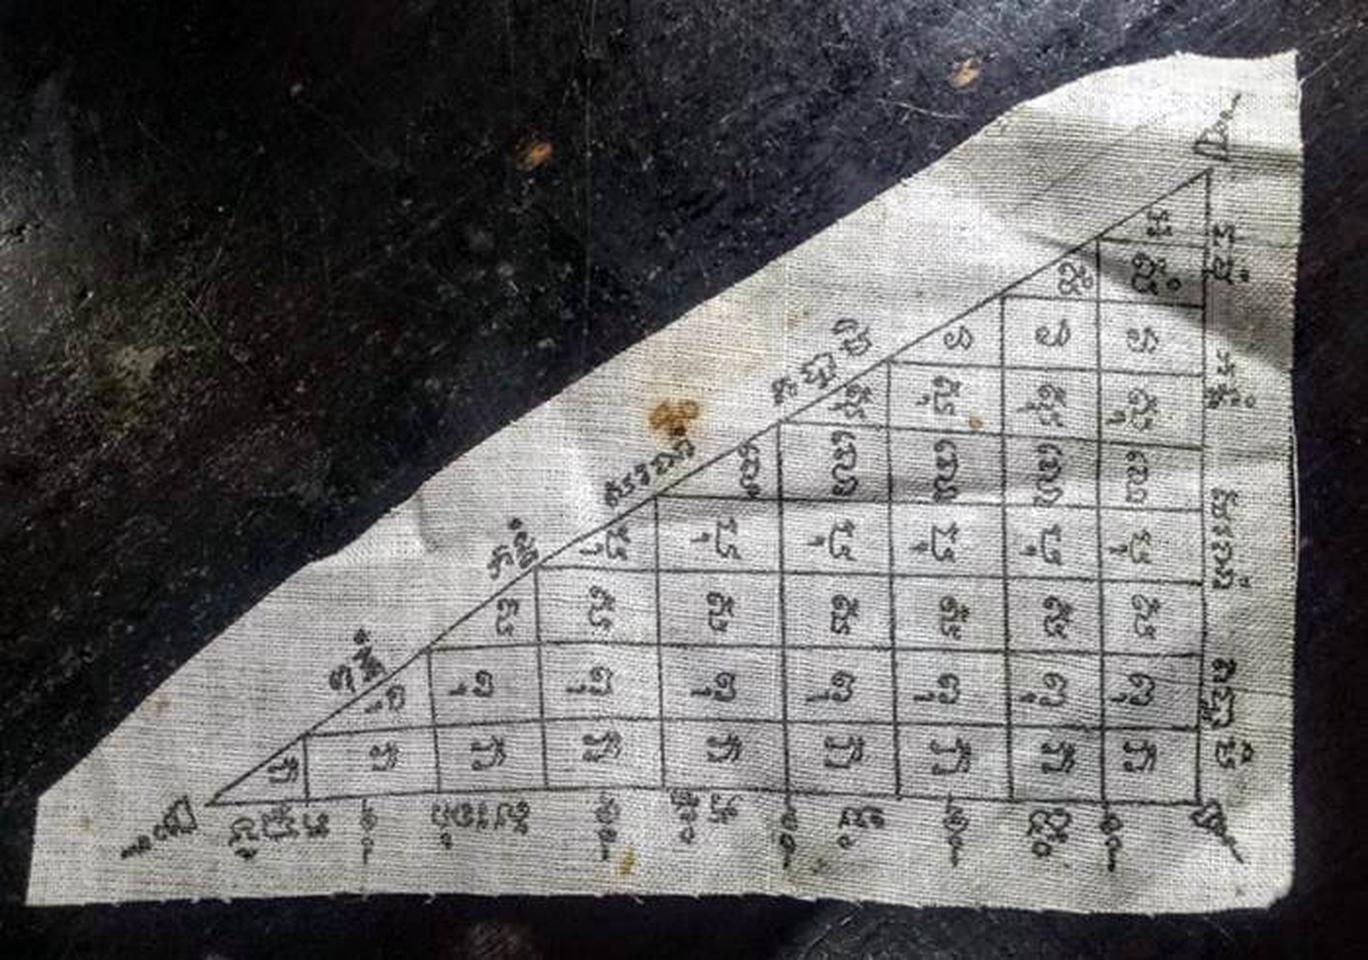 ยันต์ธง วัดปากคลองมะขามเฒ่า  แจกในงานฝังลูกนิมิต วัดไทรม้าใต รูปที่ 1